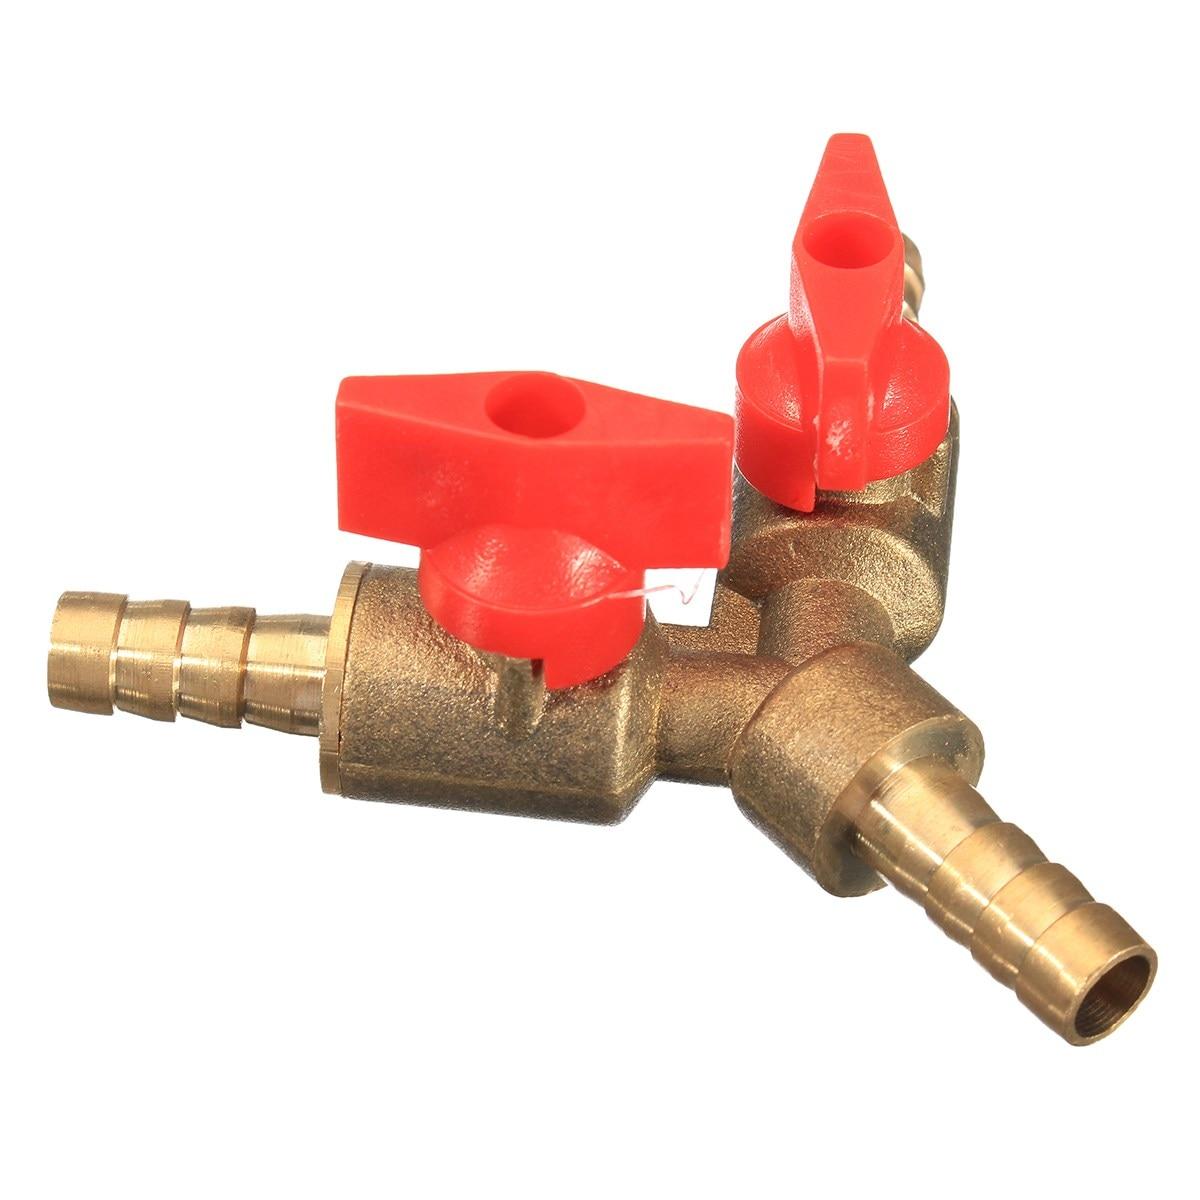 Sanitär Rohre & Armaturen 5/16 8mm Messing Y 3-way Abgeschaltet Kugelhahn Fitting Schlauchstutzen Kraftstoff Gas Klemmschelle T